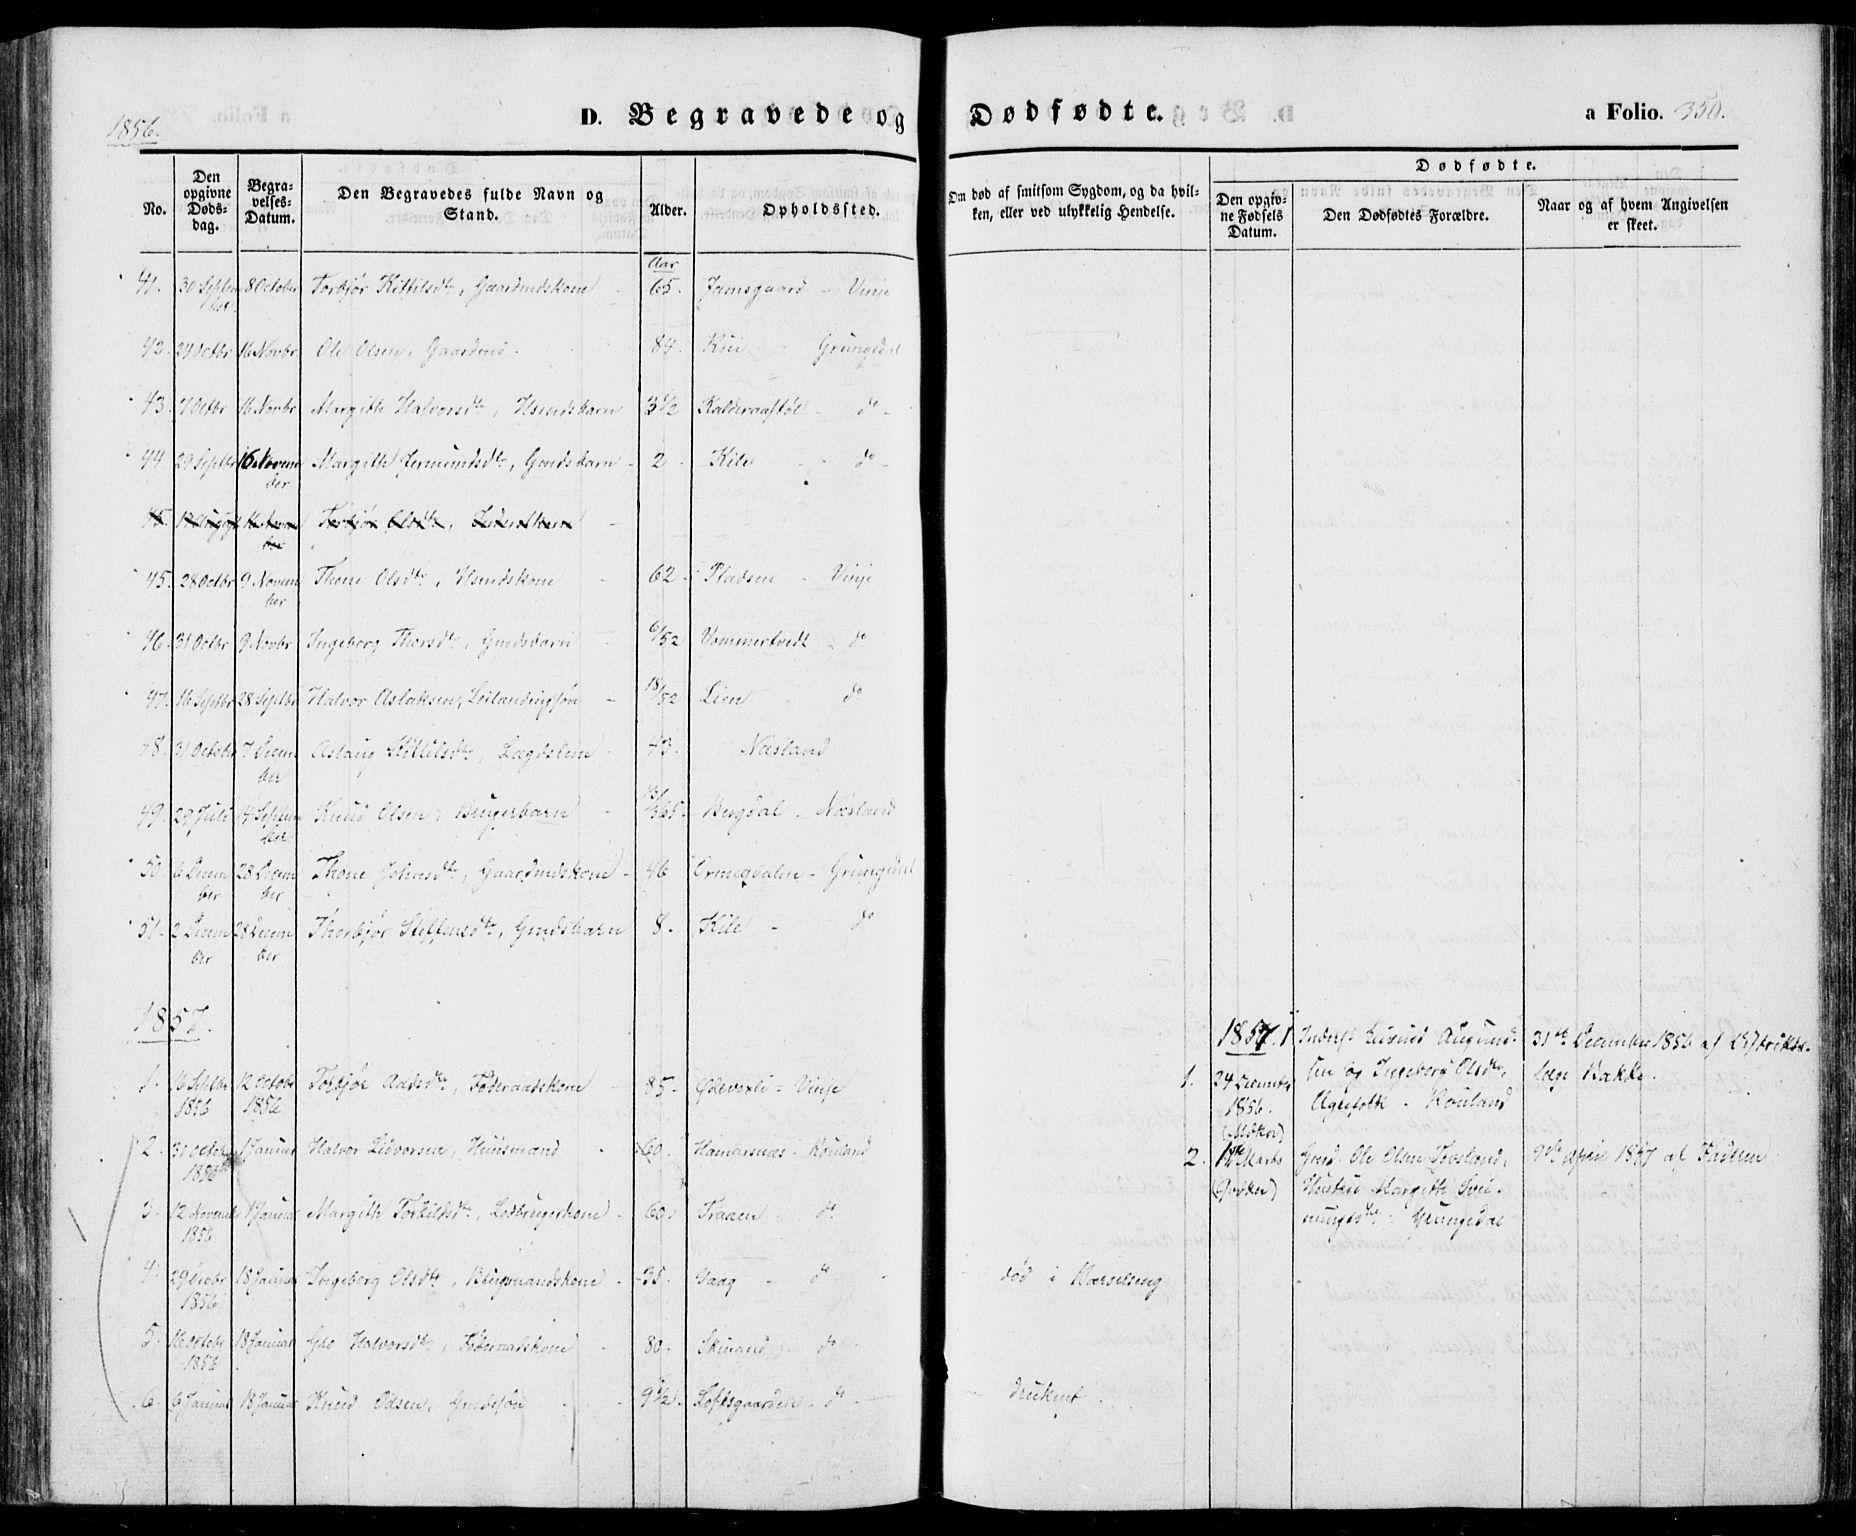 SAKO, Vinje kirkebøker, F/Fa/L0004: Ministerialbok nr. I 4, 1843-1869, s. 350